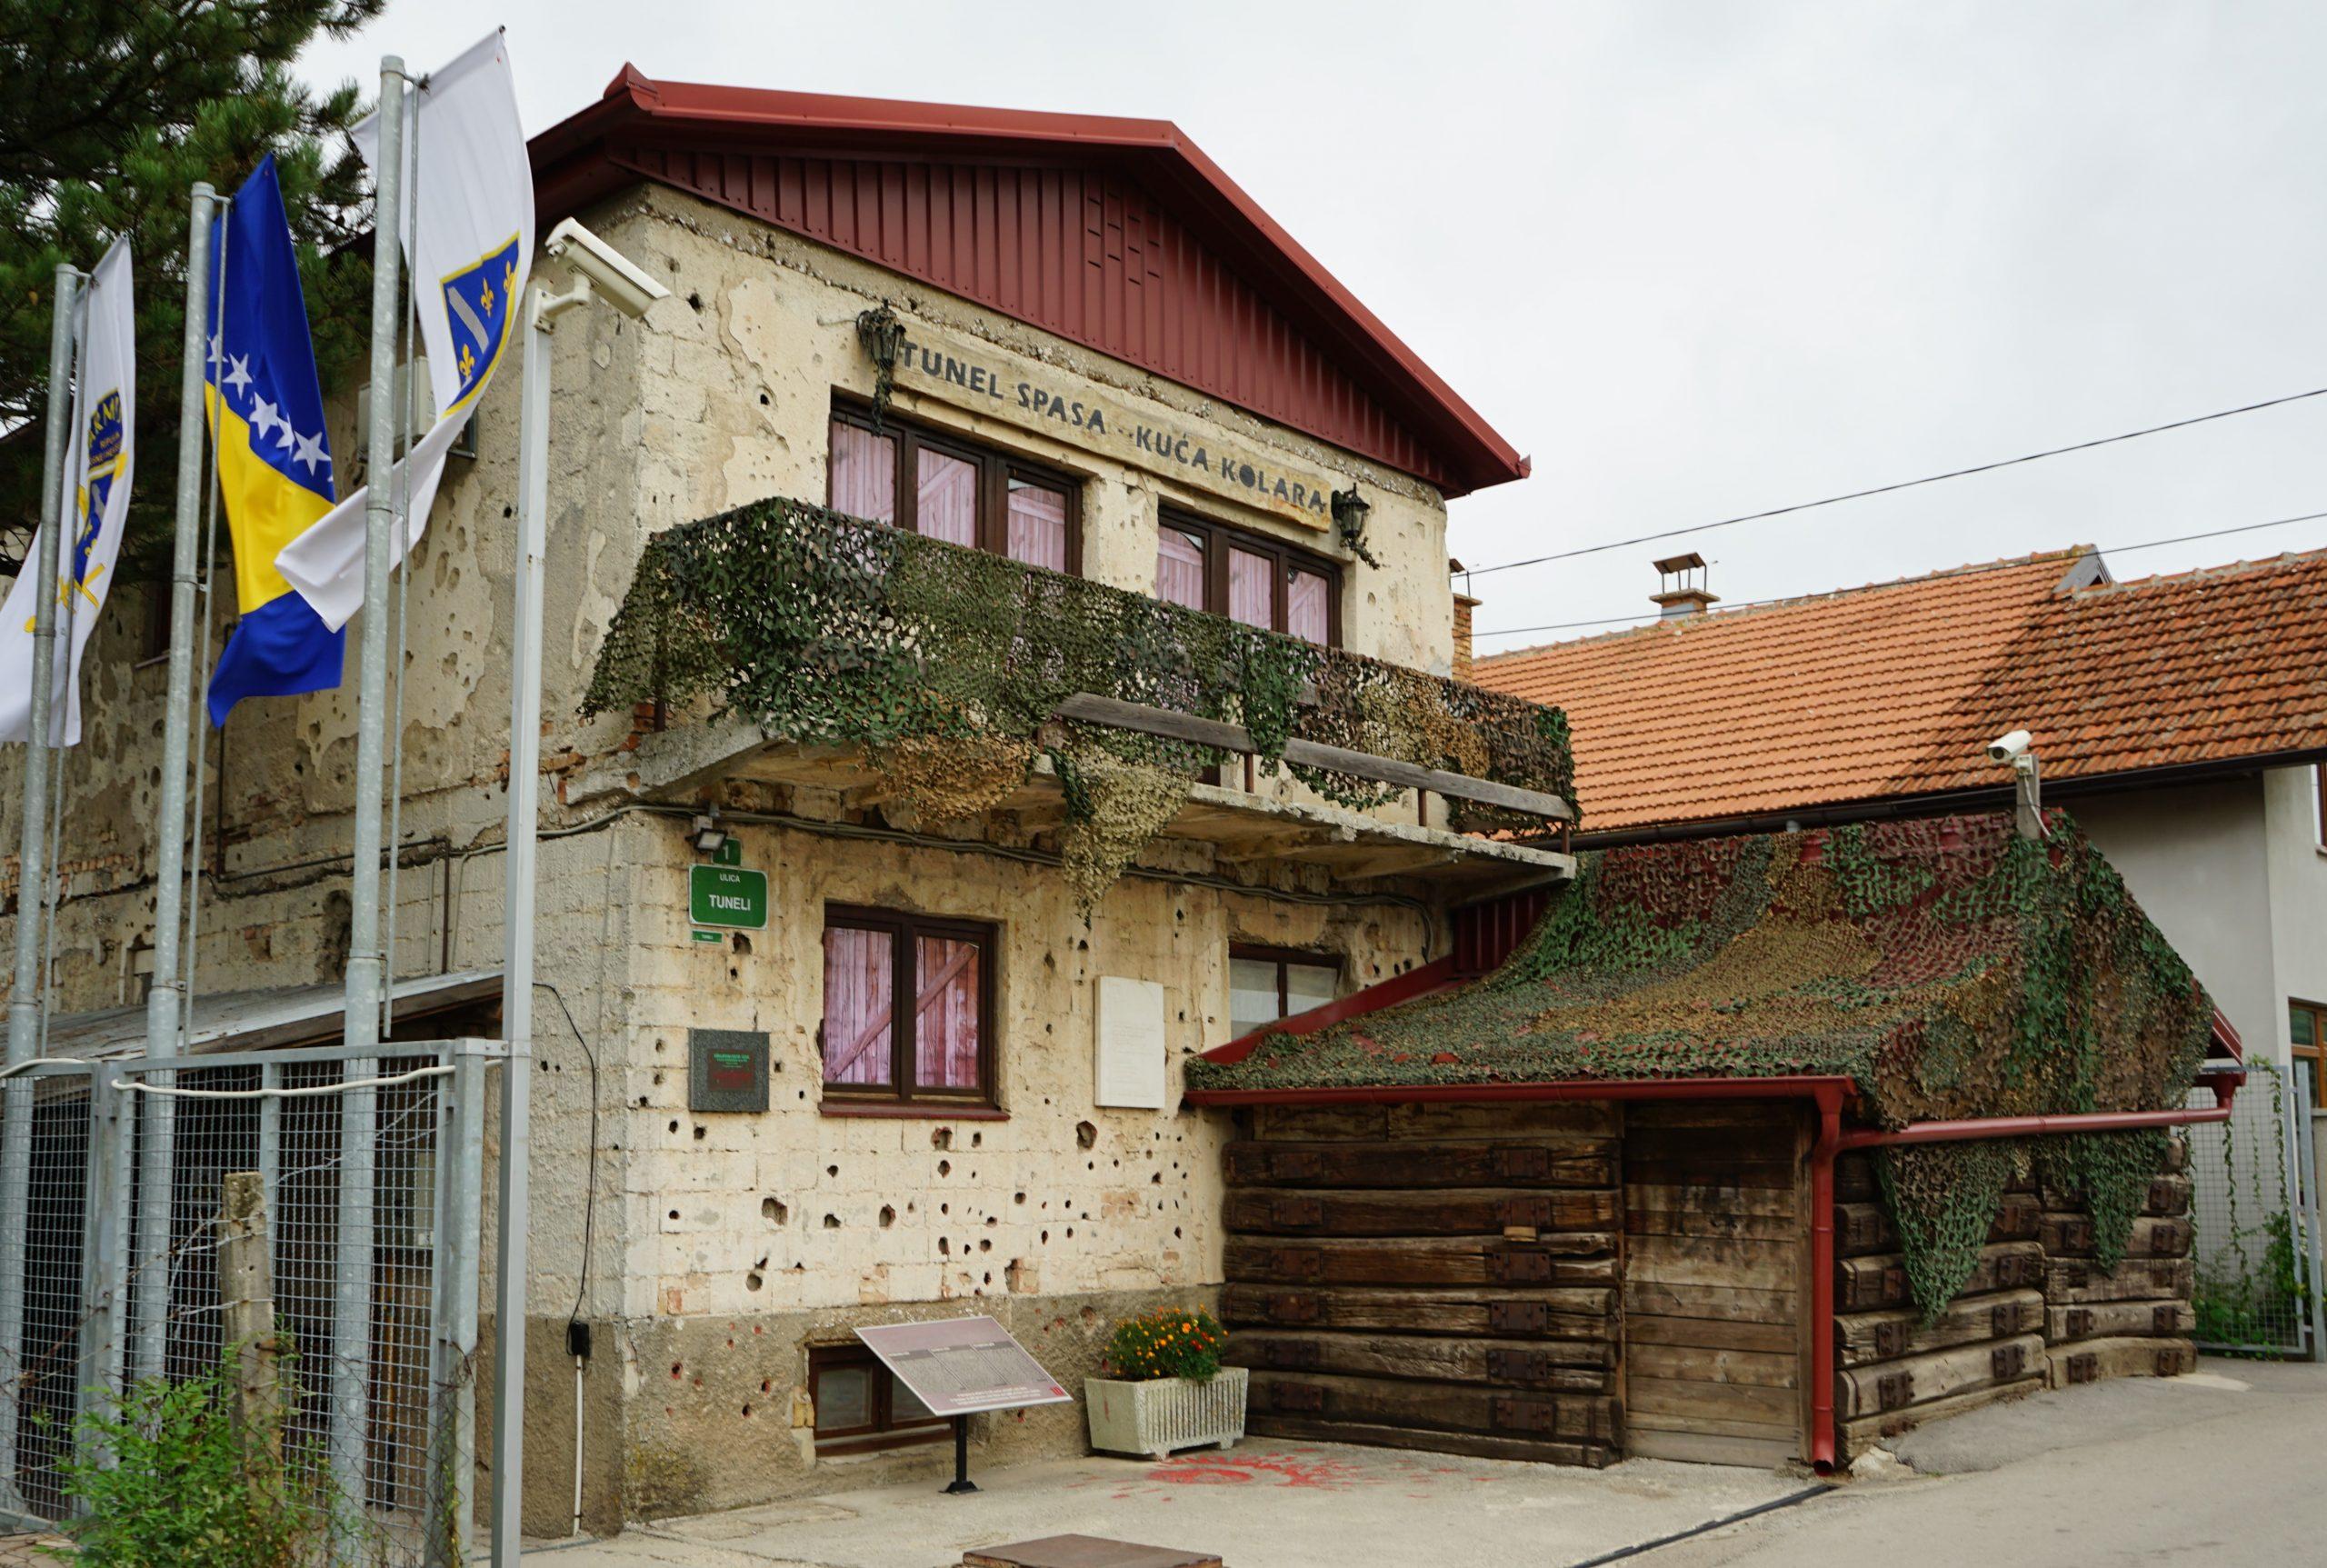 sarajevo-tunnel-of-hope